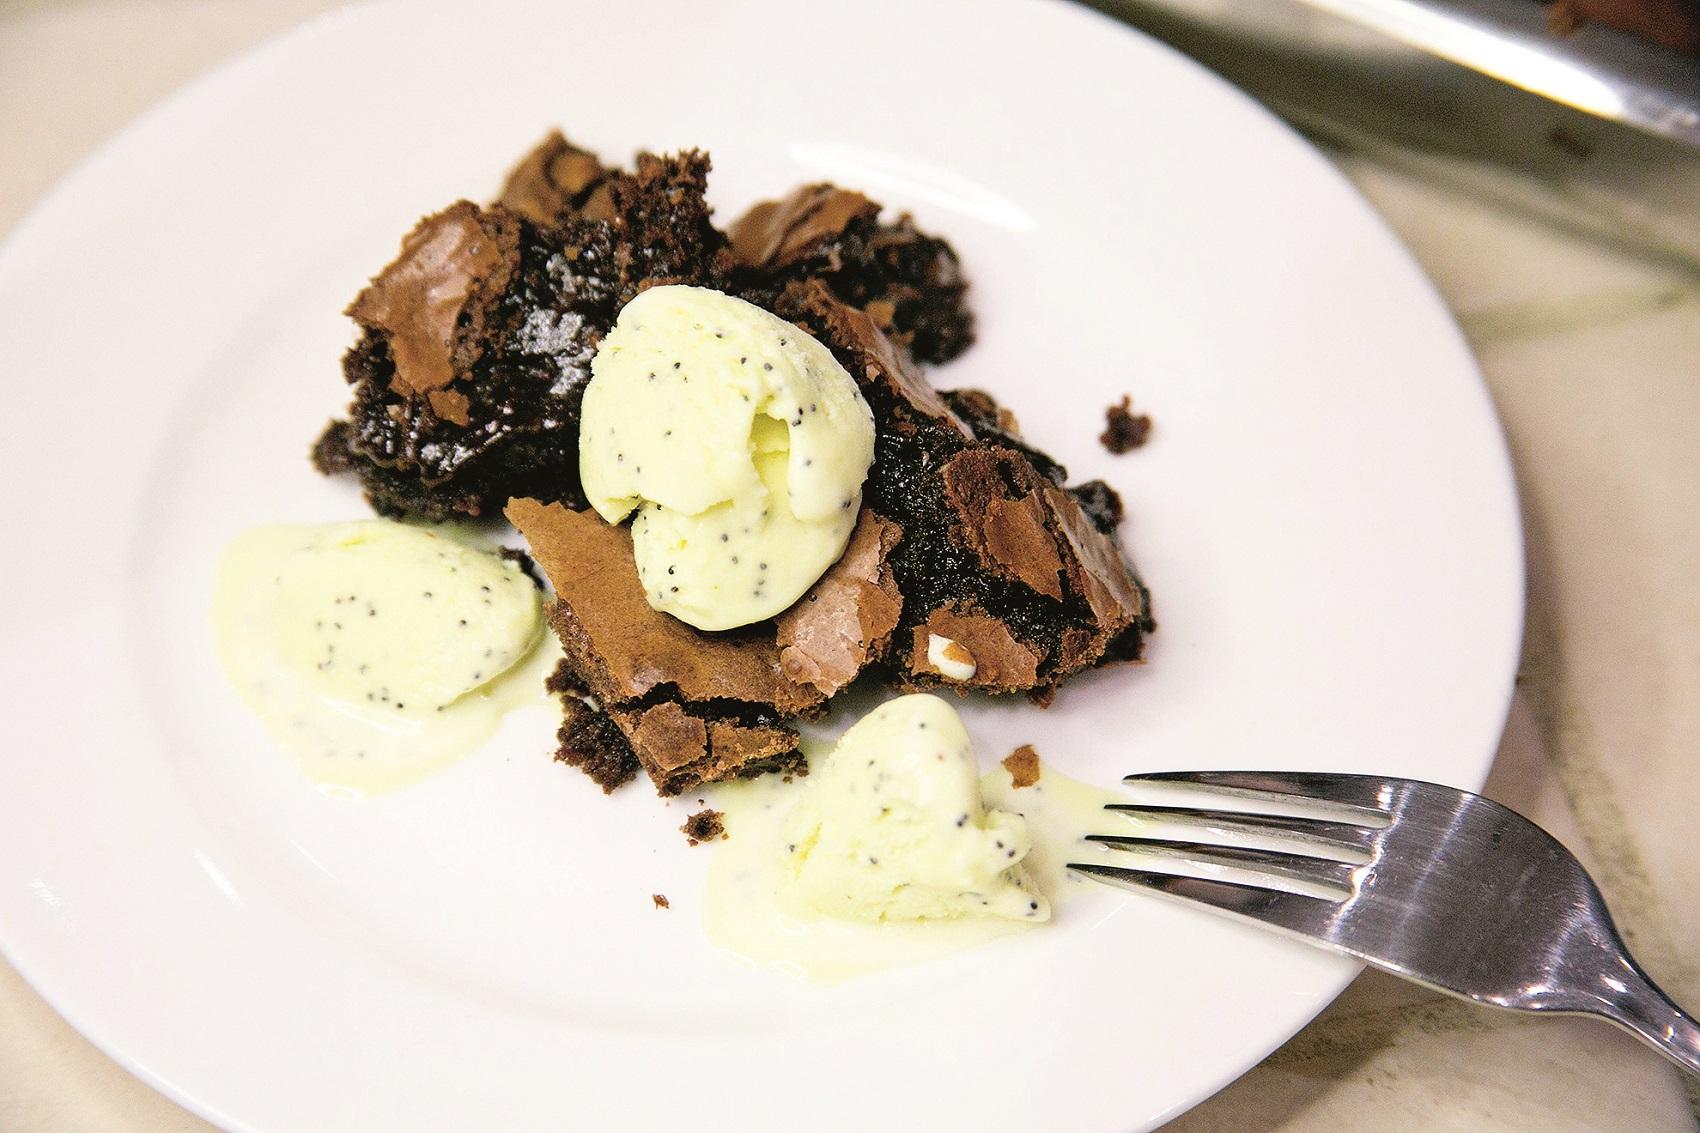 KUH Buga Simic, zagreb, 090620 pekla biskvit s visnjama i brownie kolac foto ines stipetic